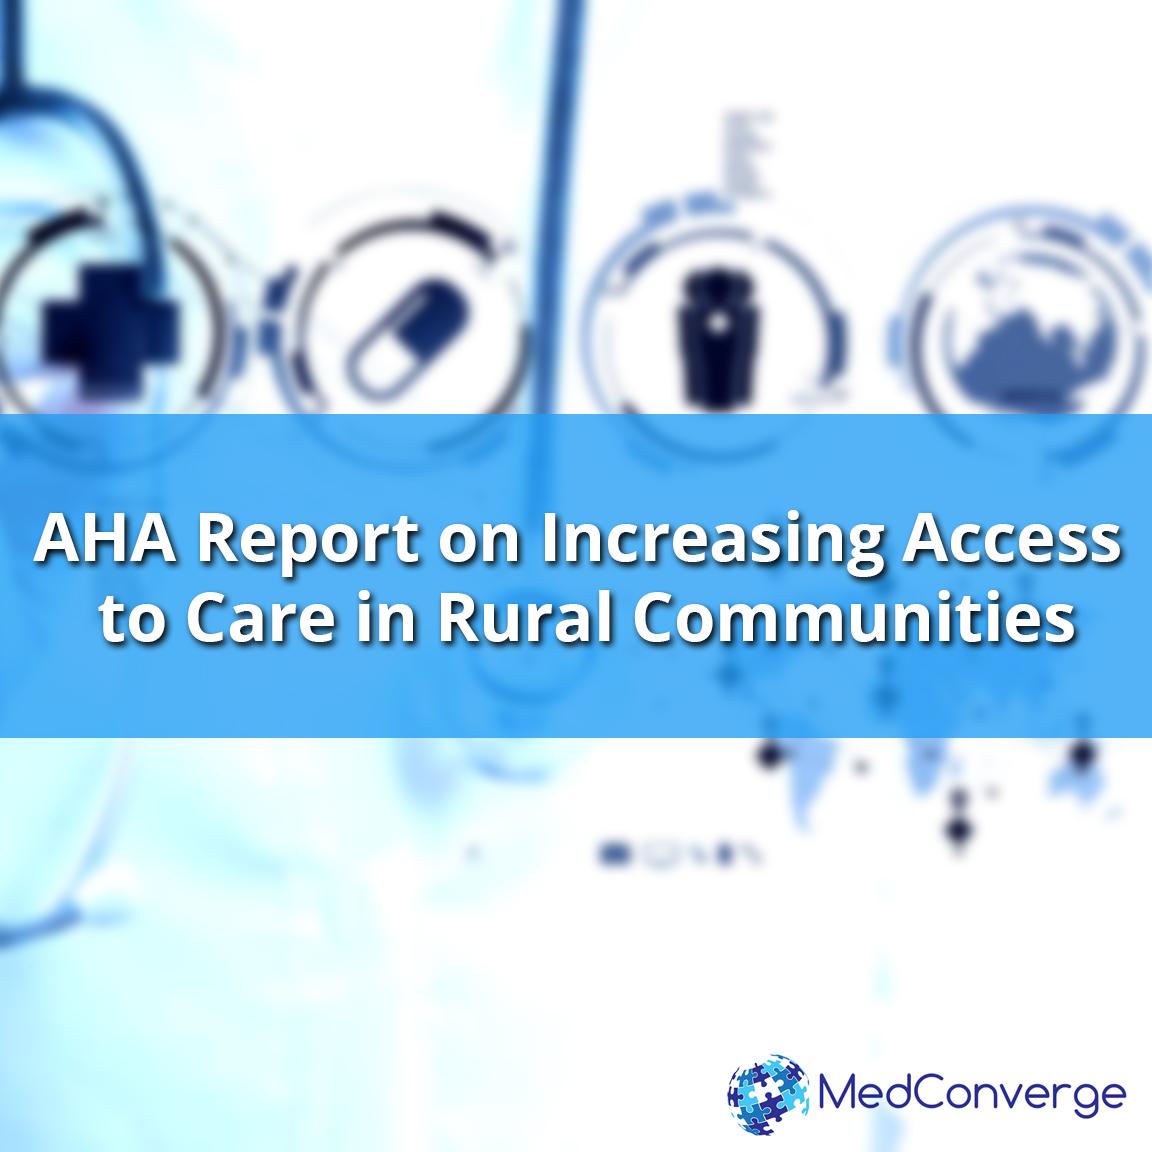 AHA Report